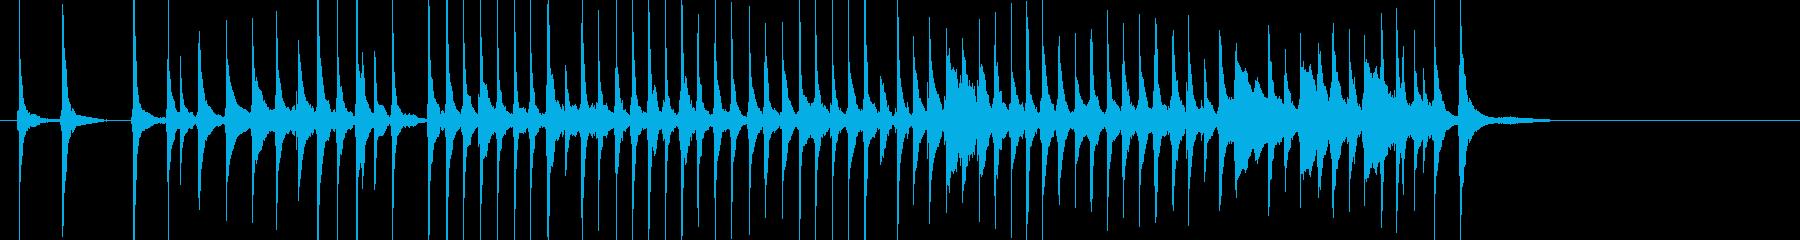 三味線87鷺娘19剣の山合生音歌舞伎妖怪の再生済みの波形